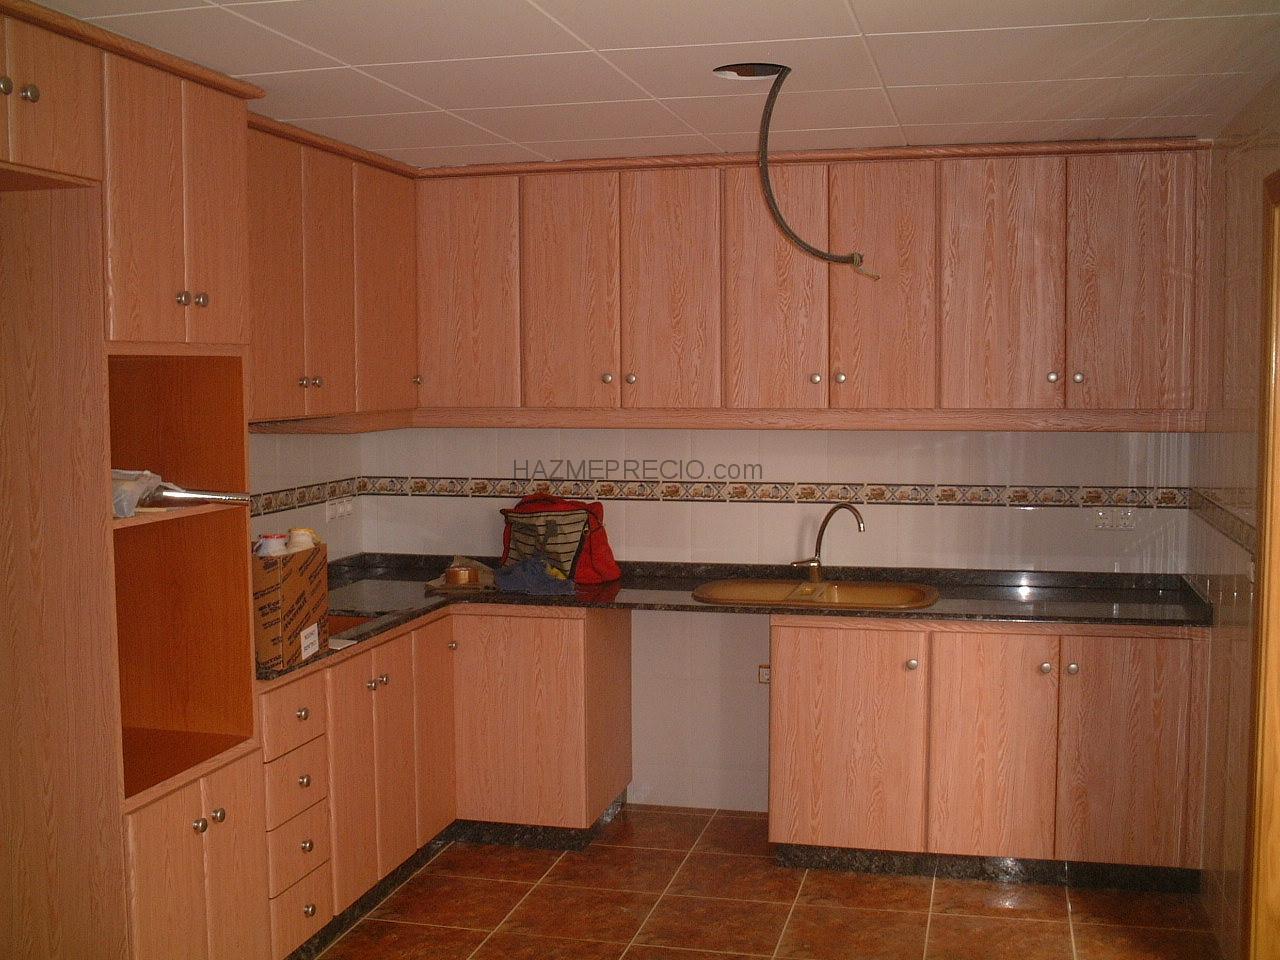 Muebles de cocina for Cocina 6000 euros